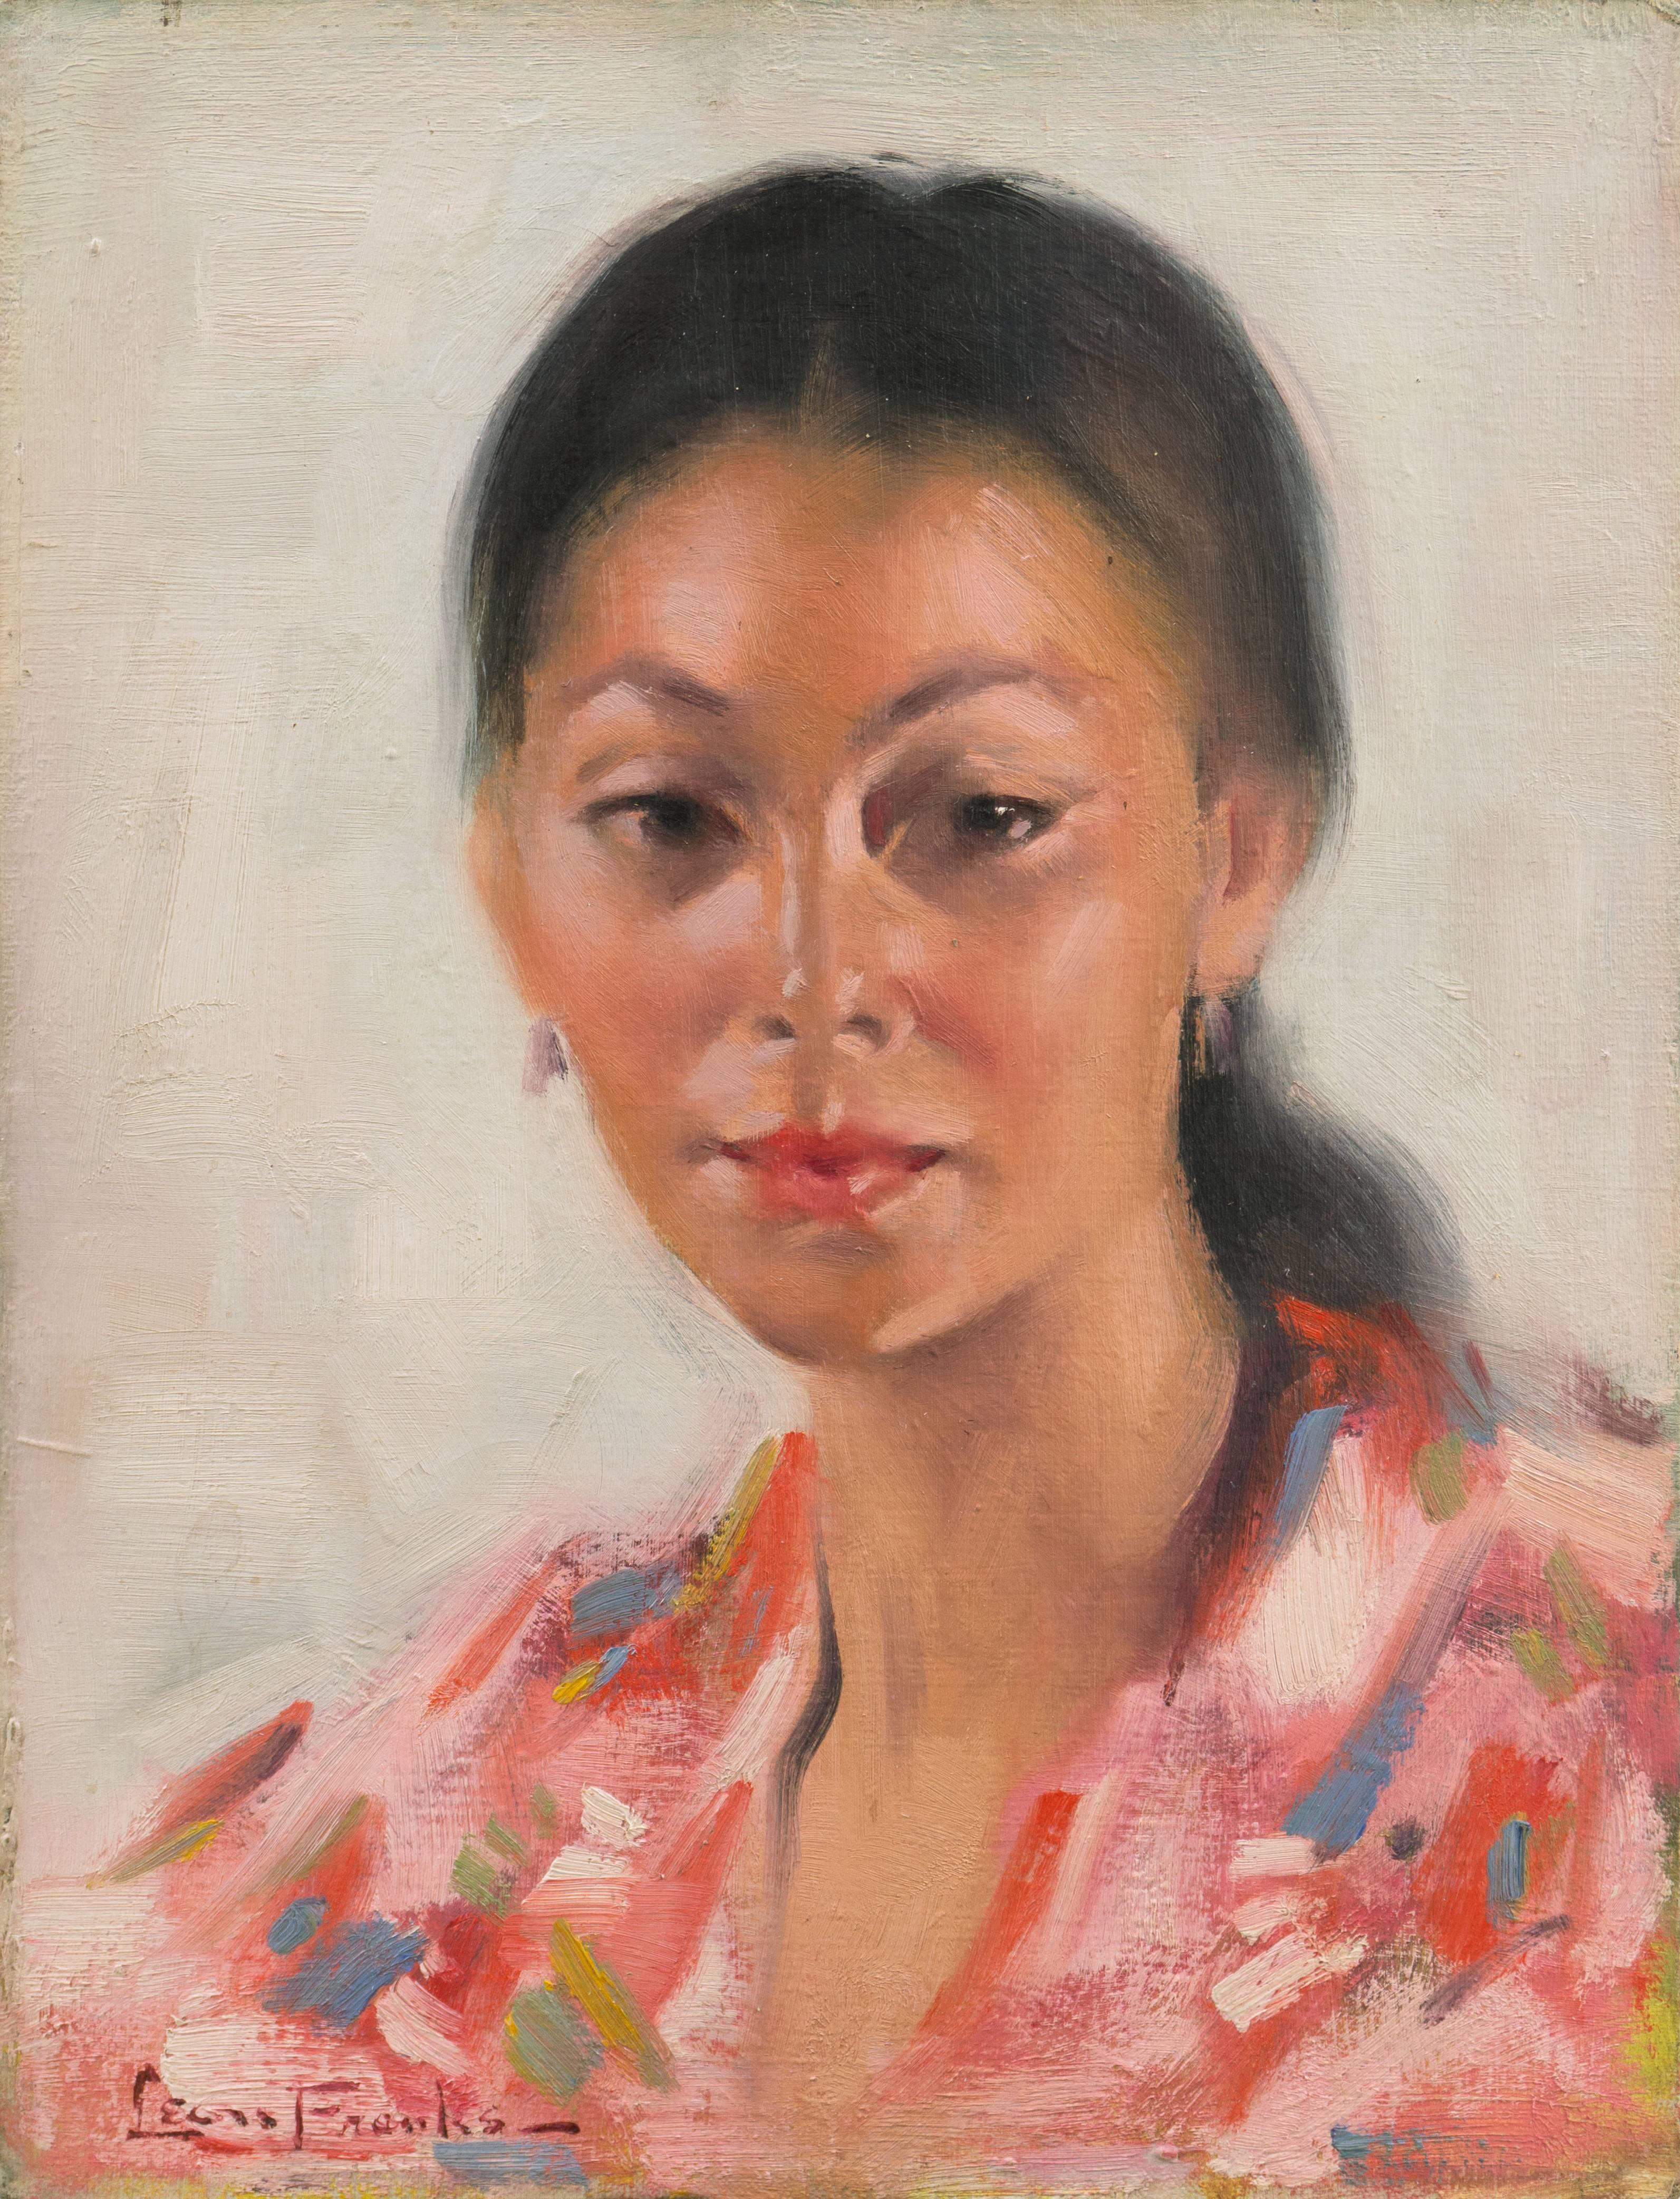 'Portrait of a Young Woman', Academie Chaumière, Paris, Chouinard, Art Center